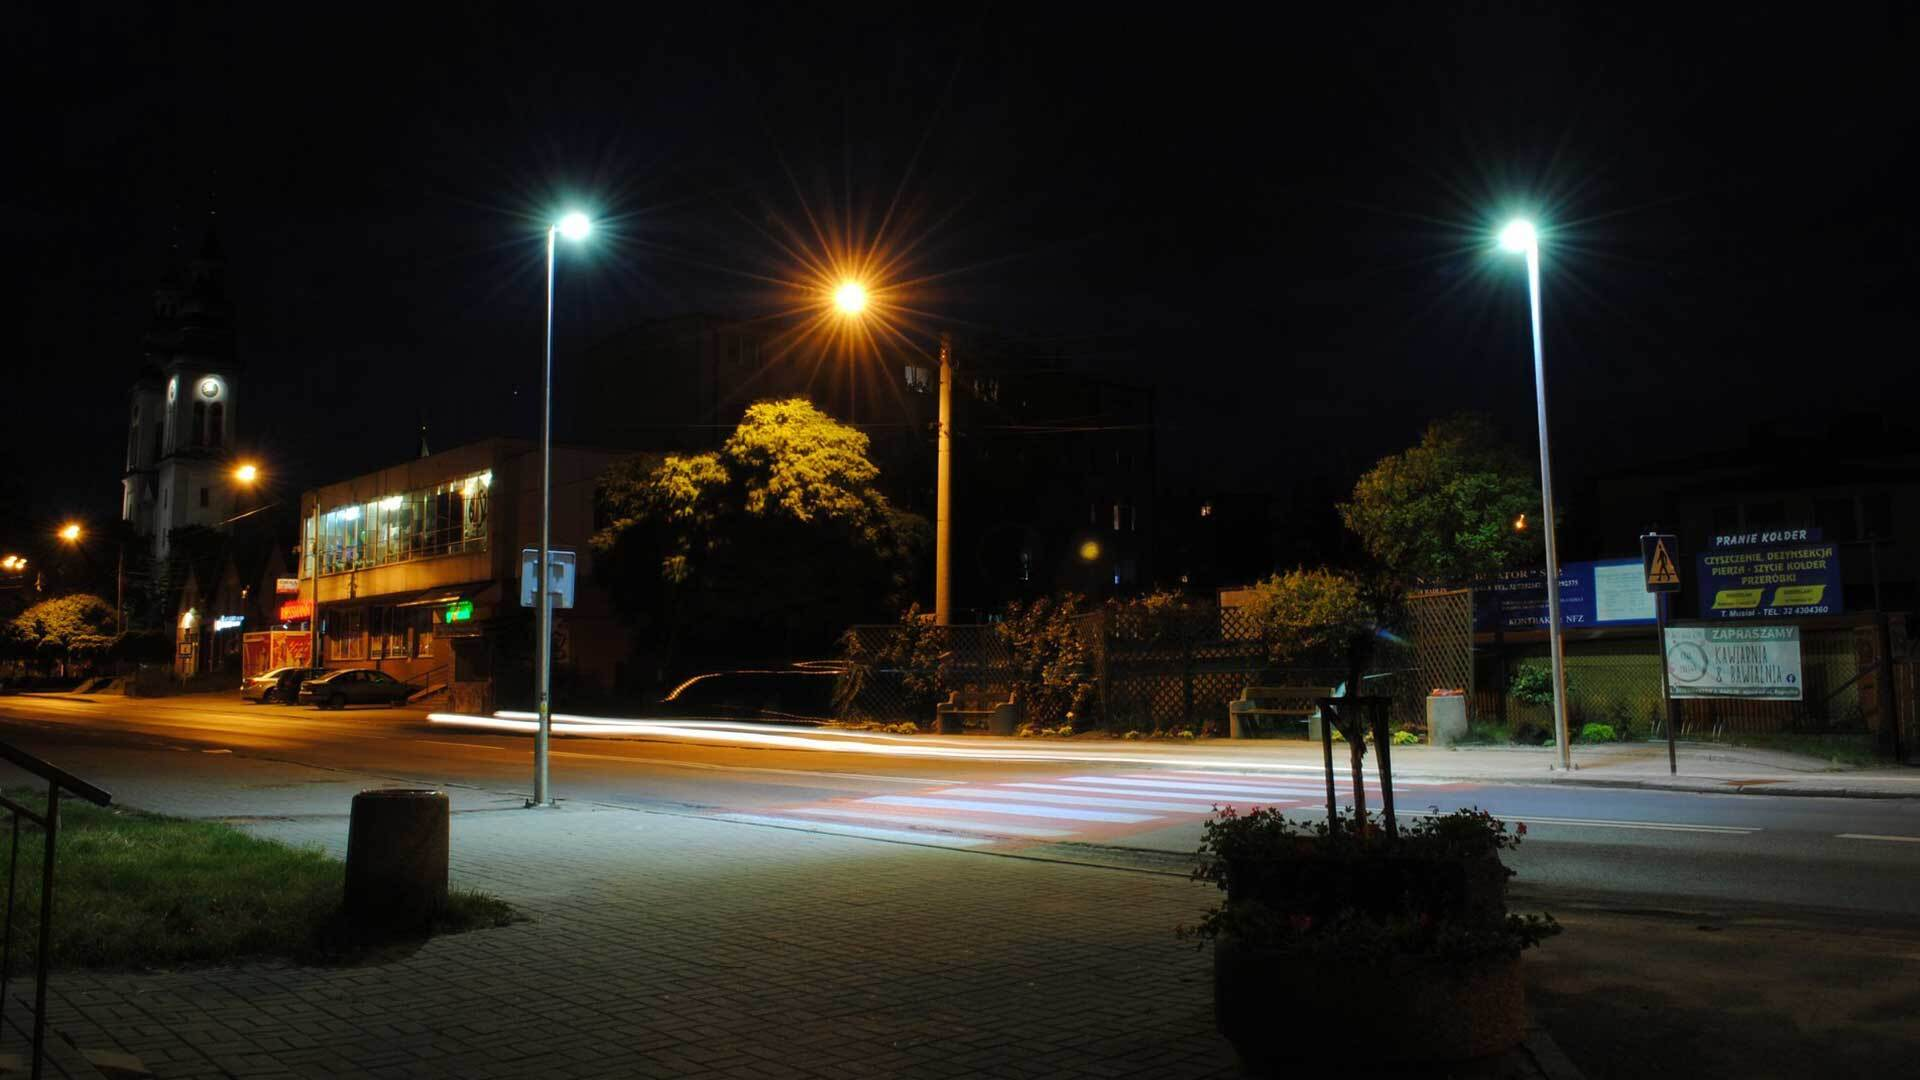 Nowe oświetlenie w centrum!